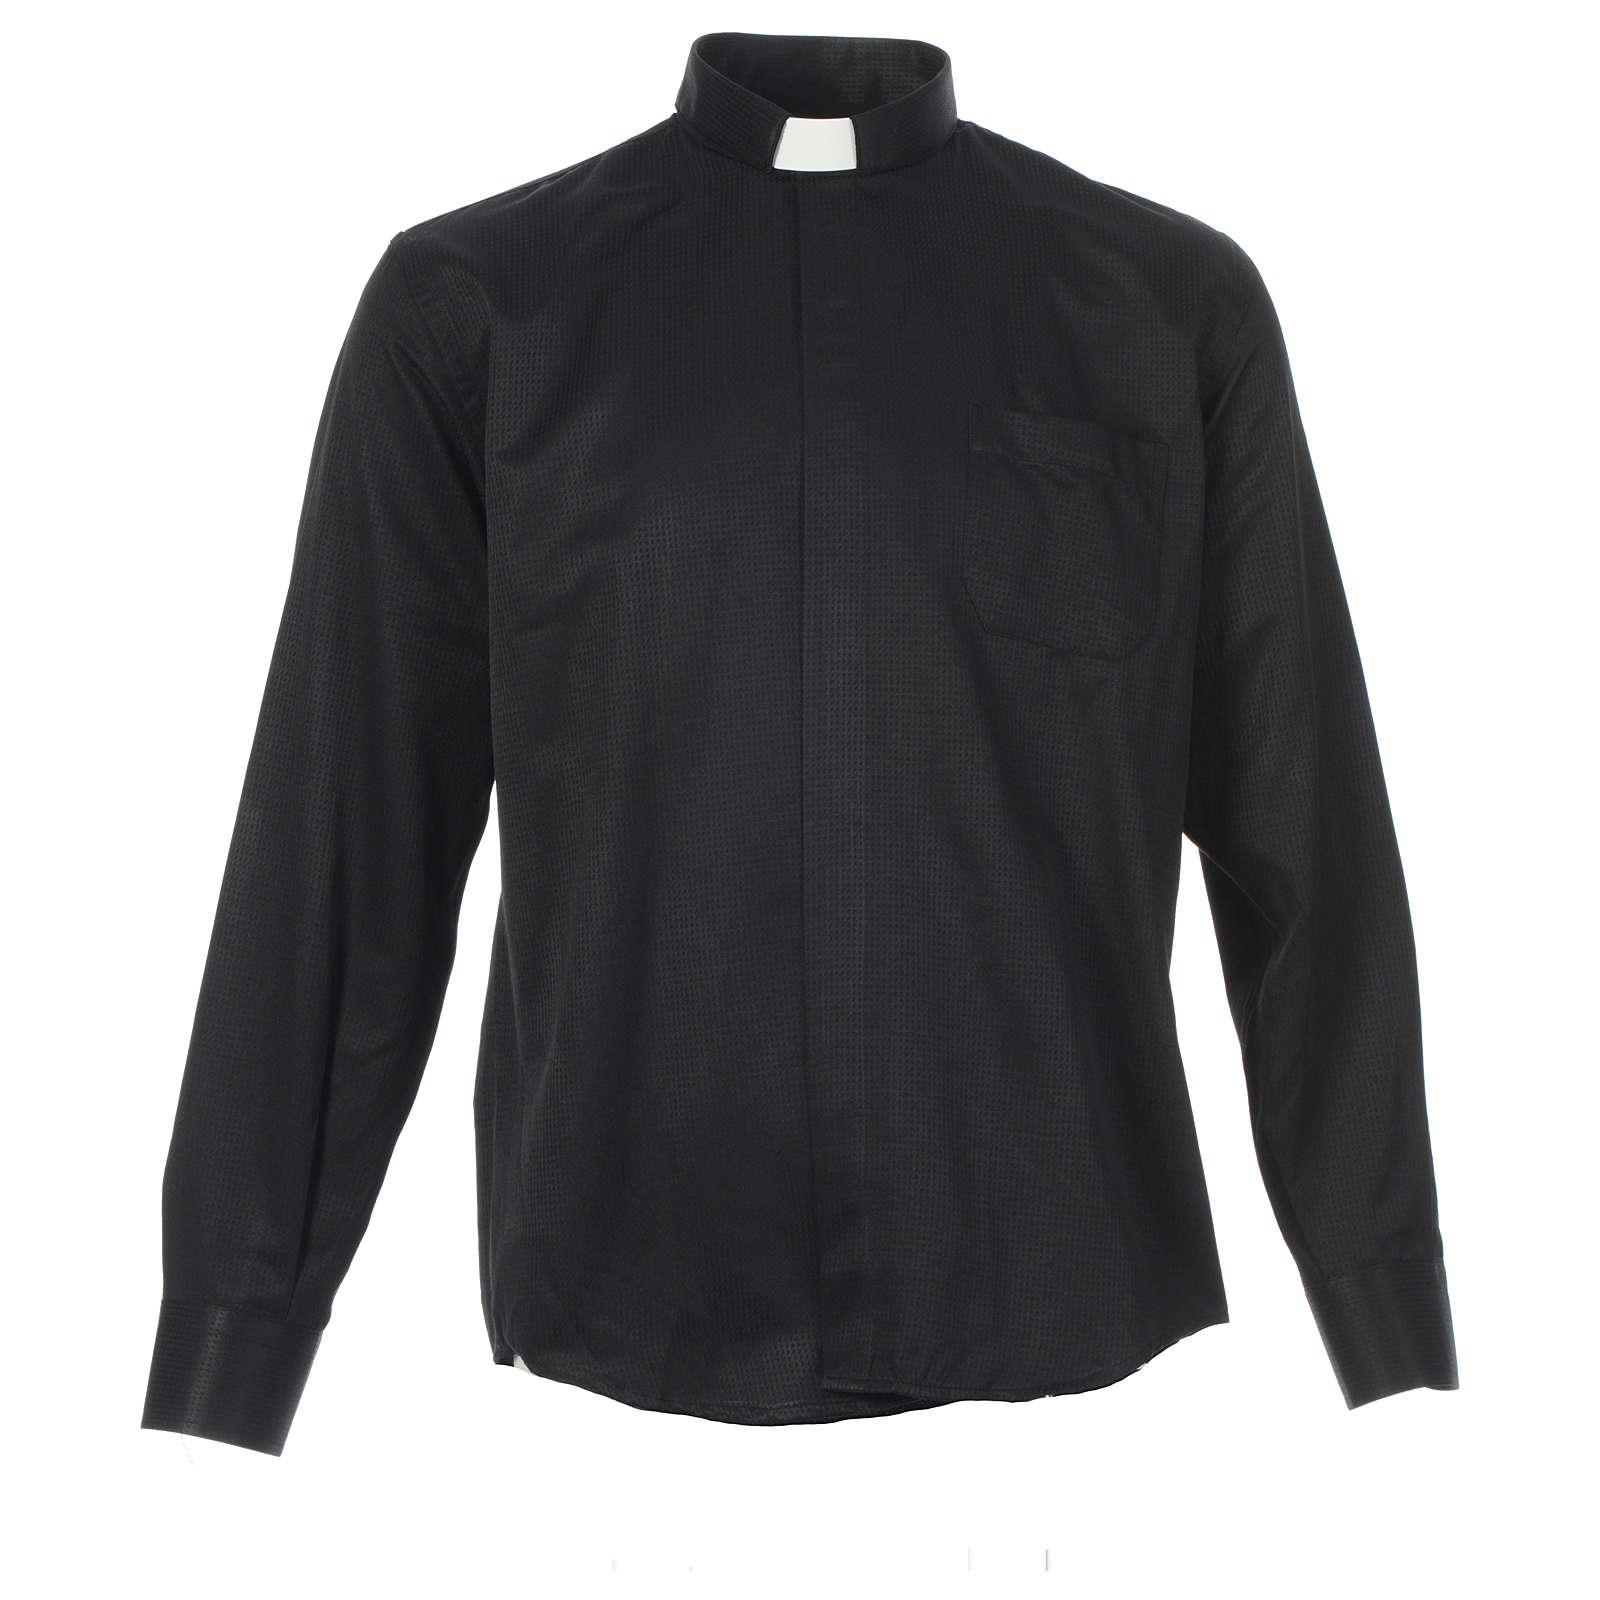 Chemise clergy jacquard noir manches longues 4